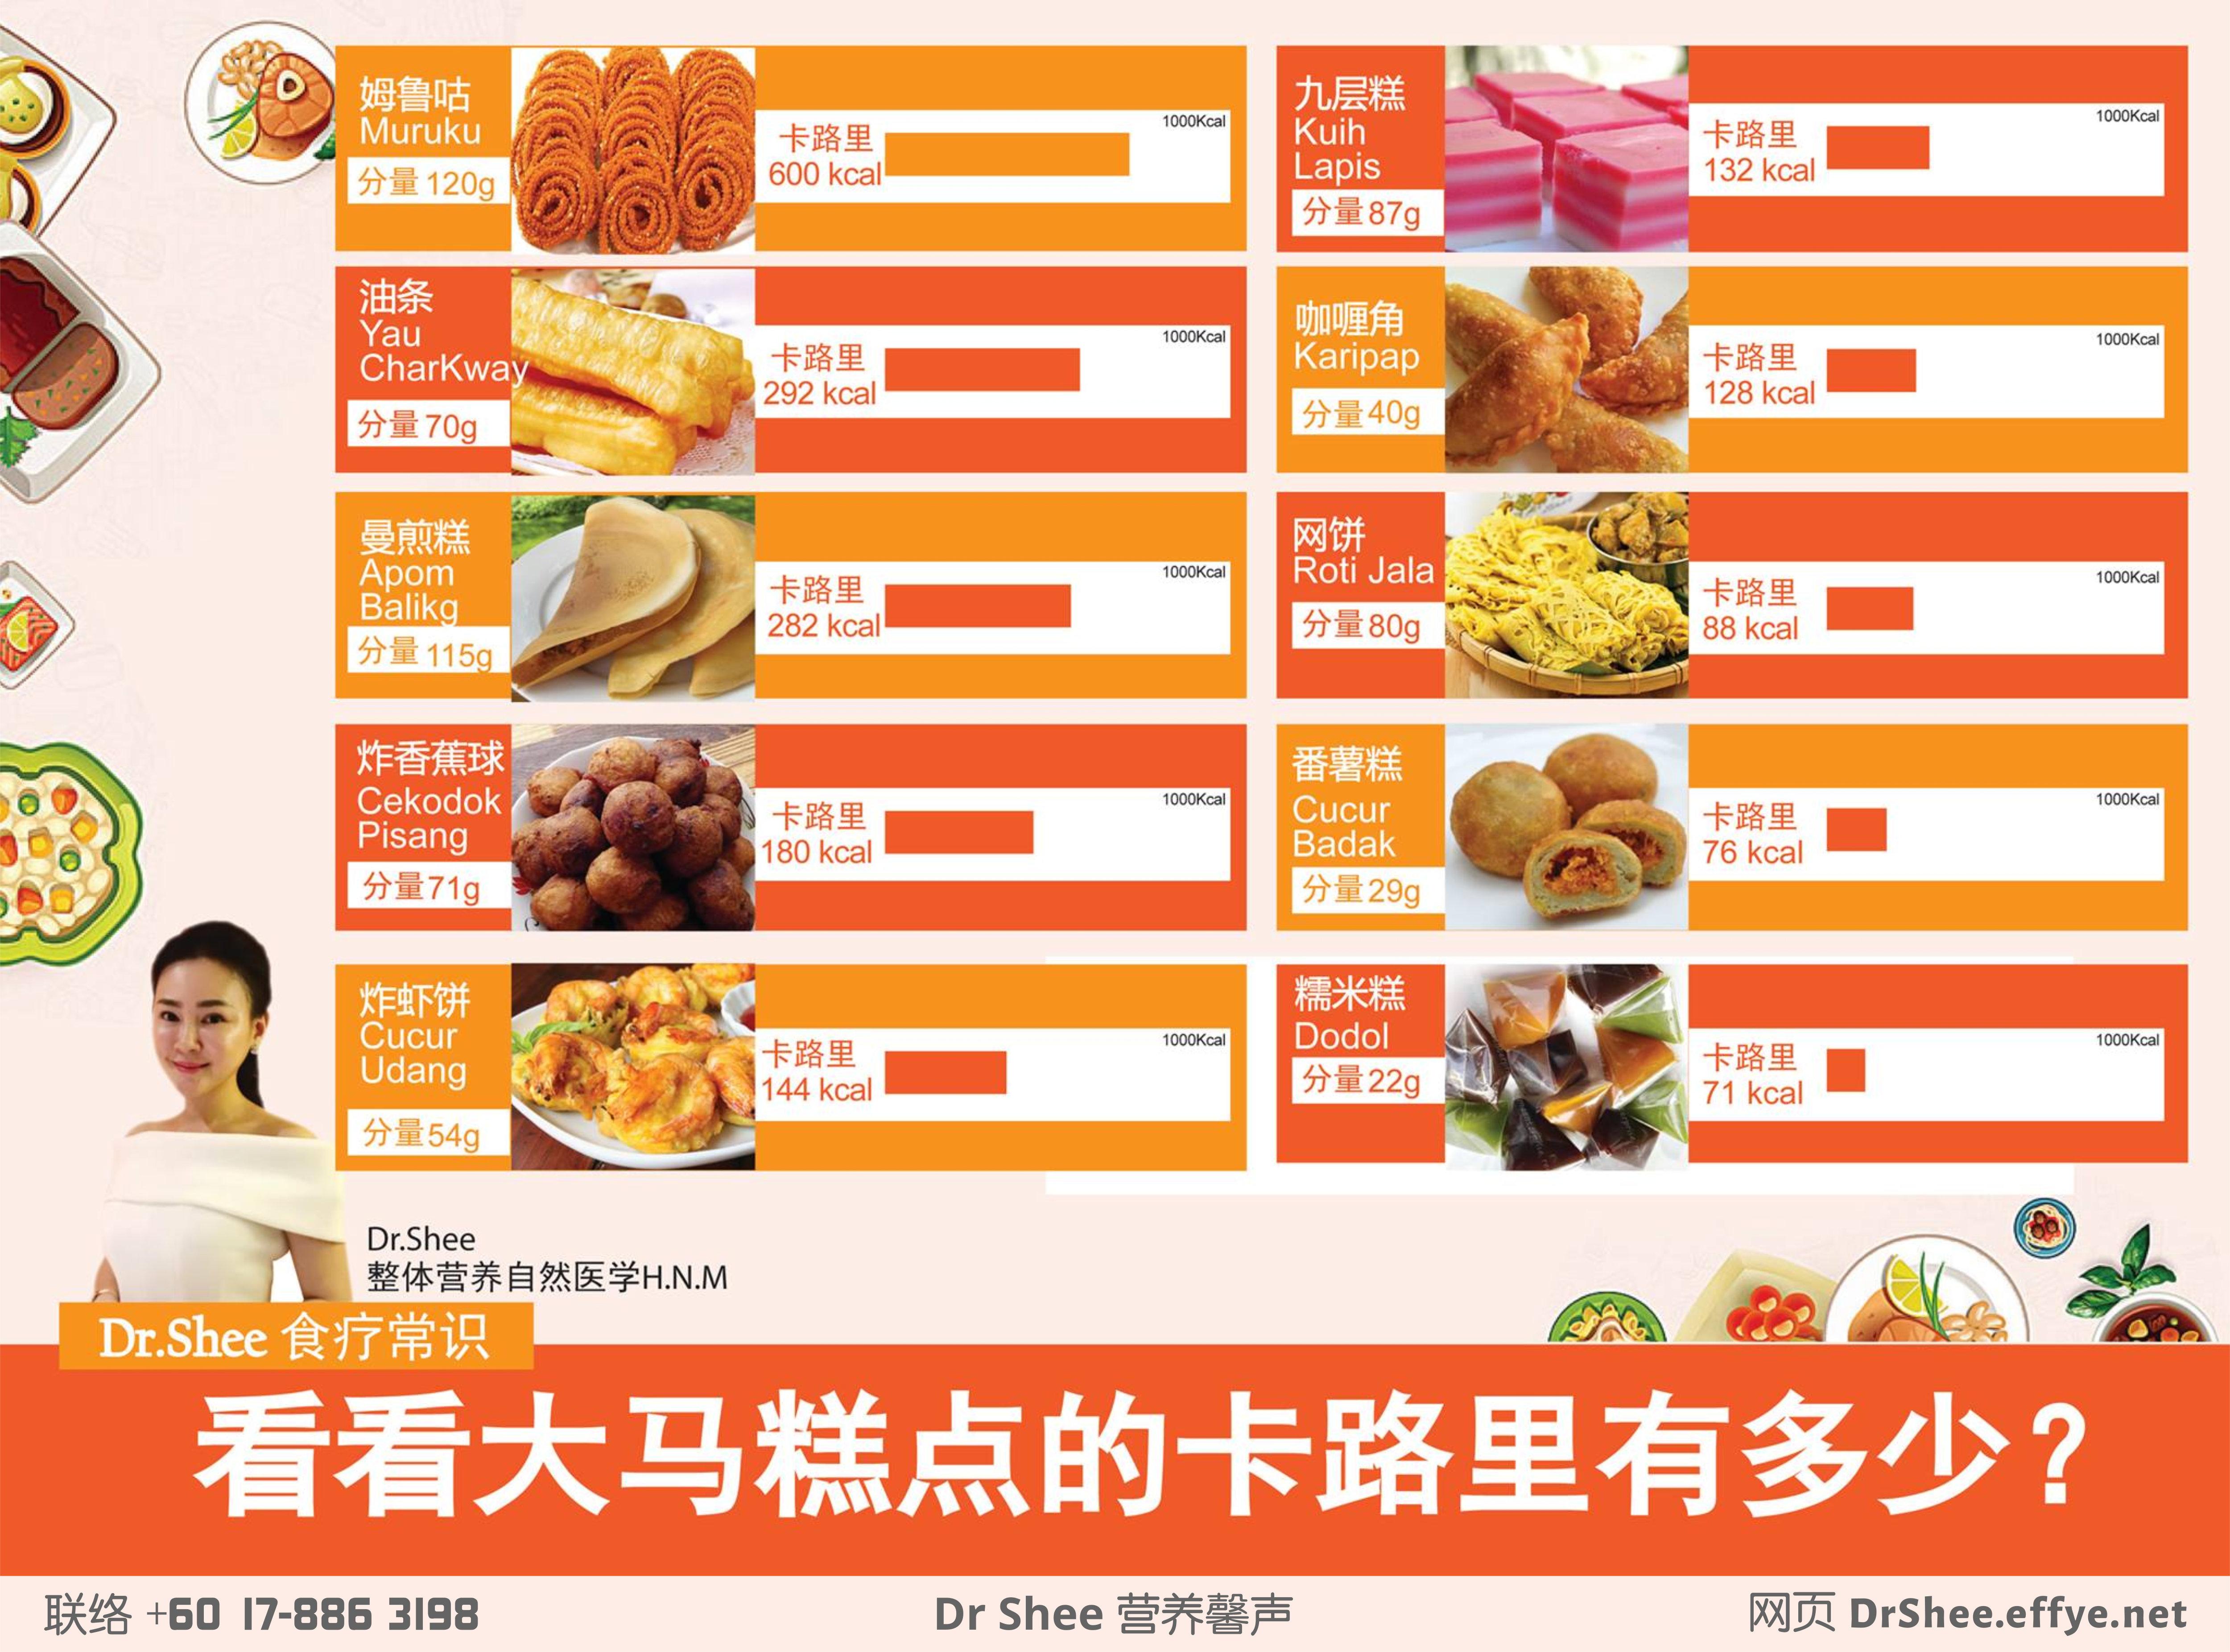 Dr.Shee 营养知识 马来西亚的糕点卡路里及要如何消耗 Dr Shee 徐悦馨博士 整体营养自然医学 A01